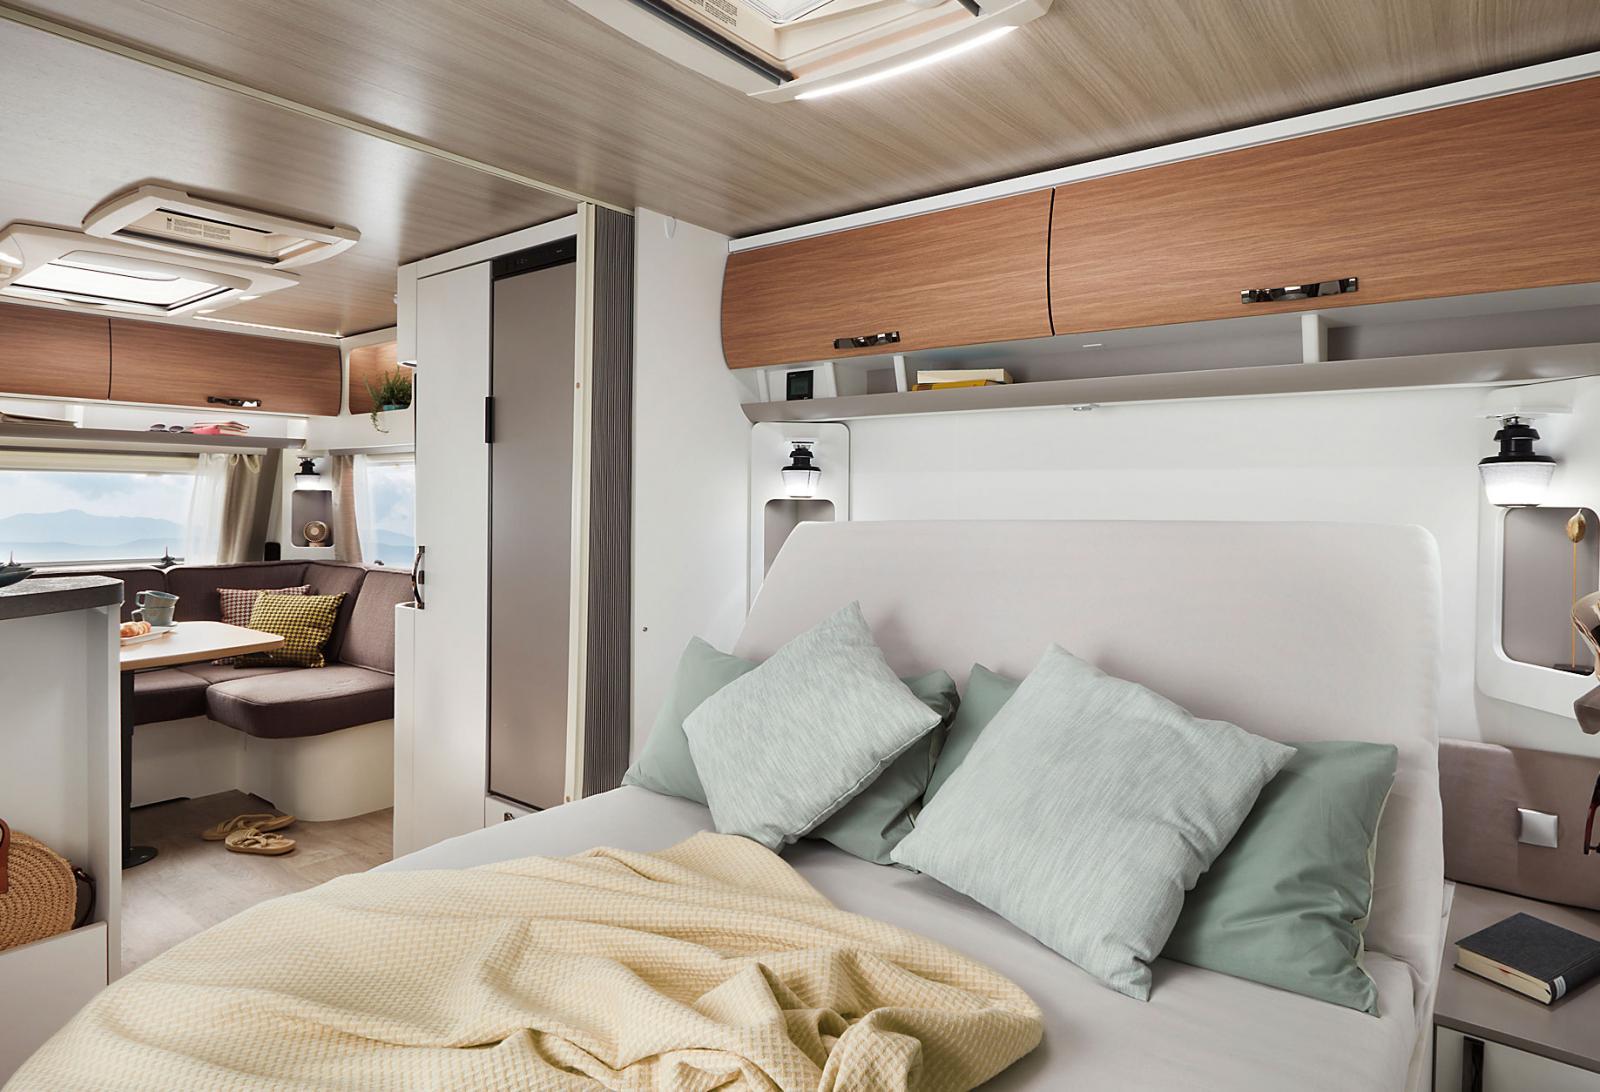 Eriba Nova590 med tvärställd queenbed i aktern och u-soffa i fören. Åtta meter enkelaxlad husvagn för par eller fyra.